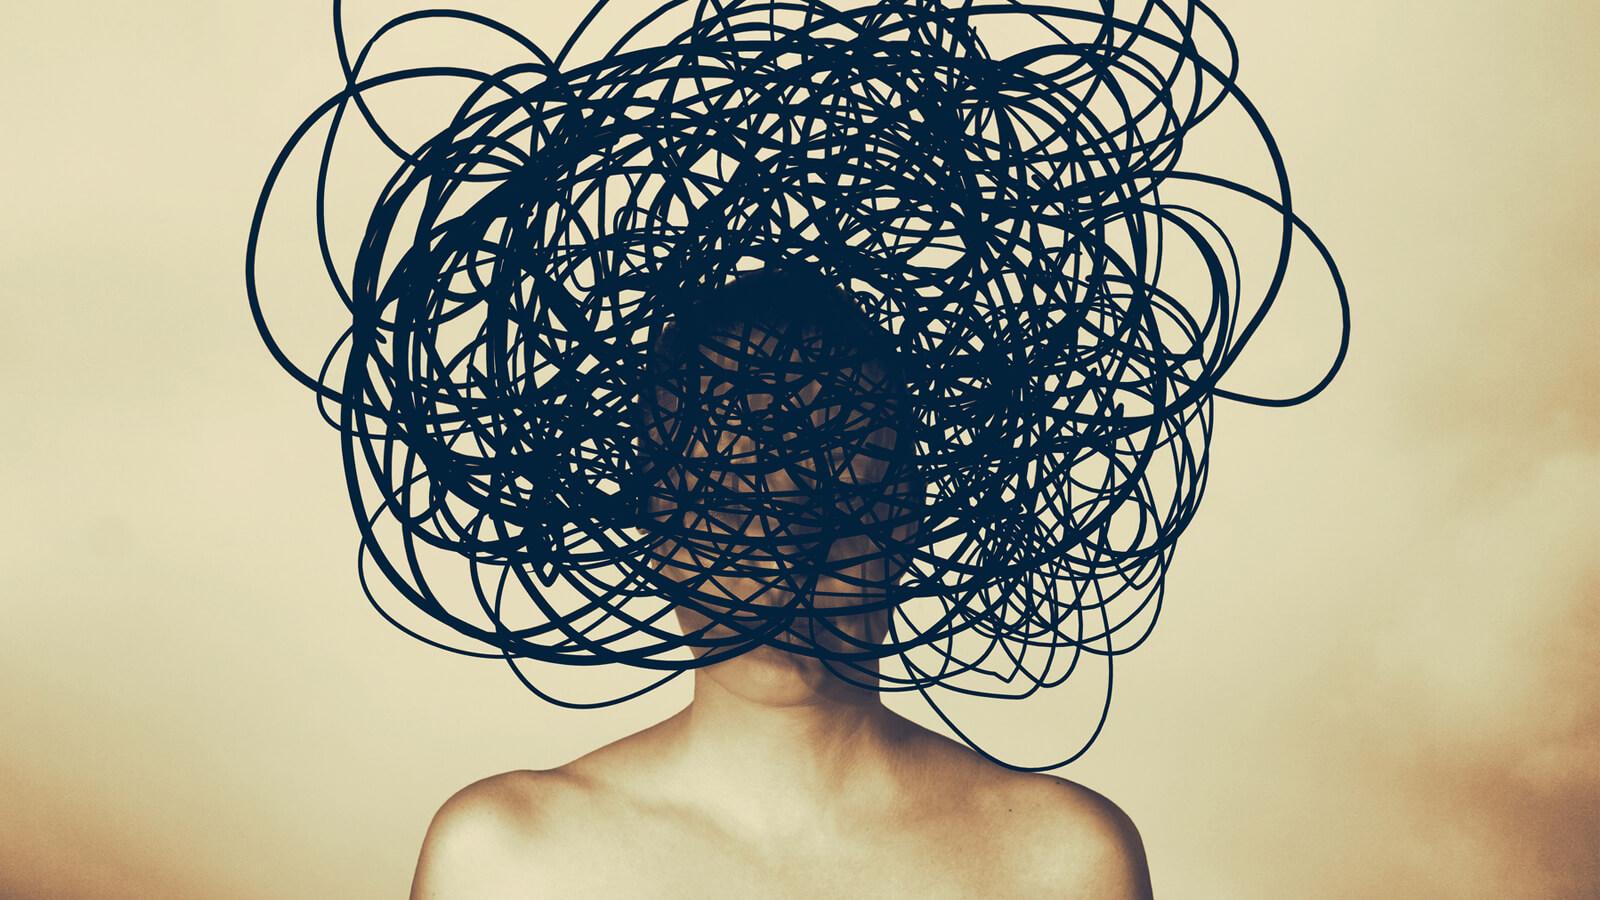 Inhabit: Your Uncertainty